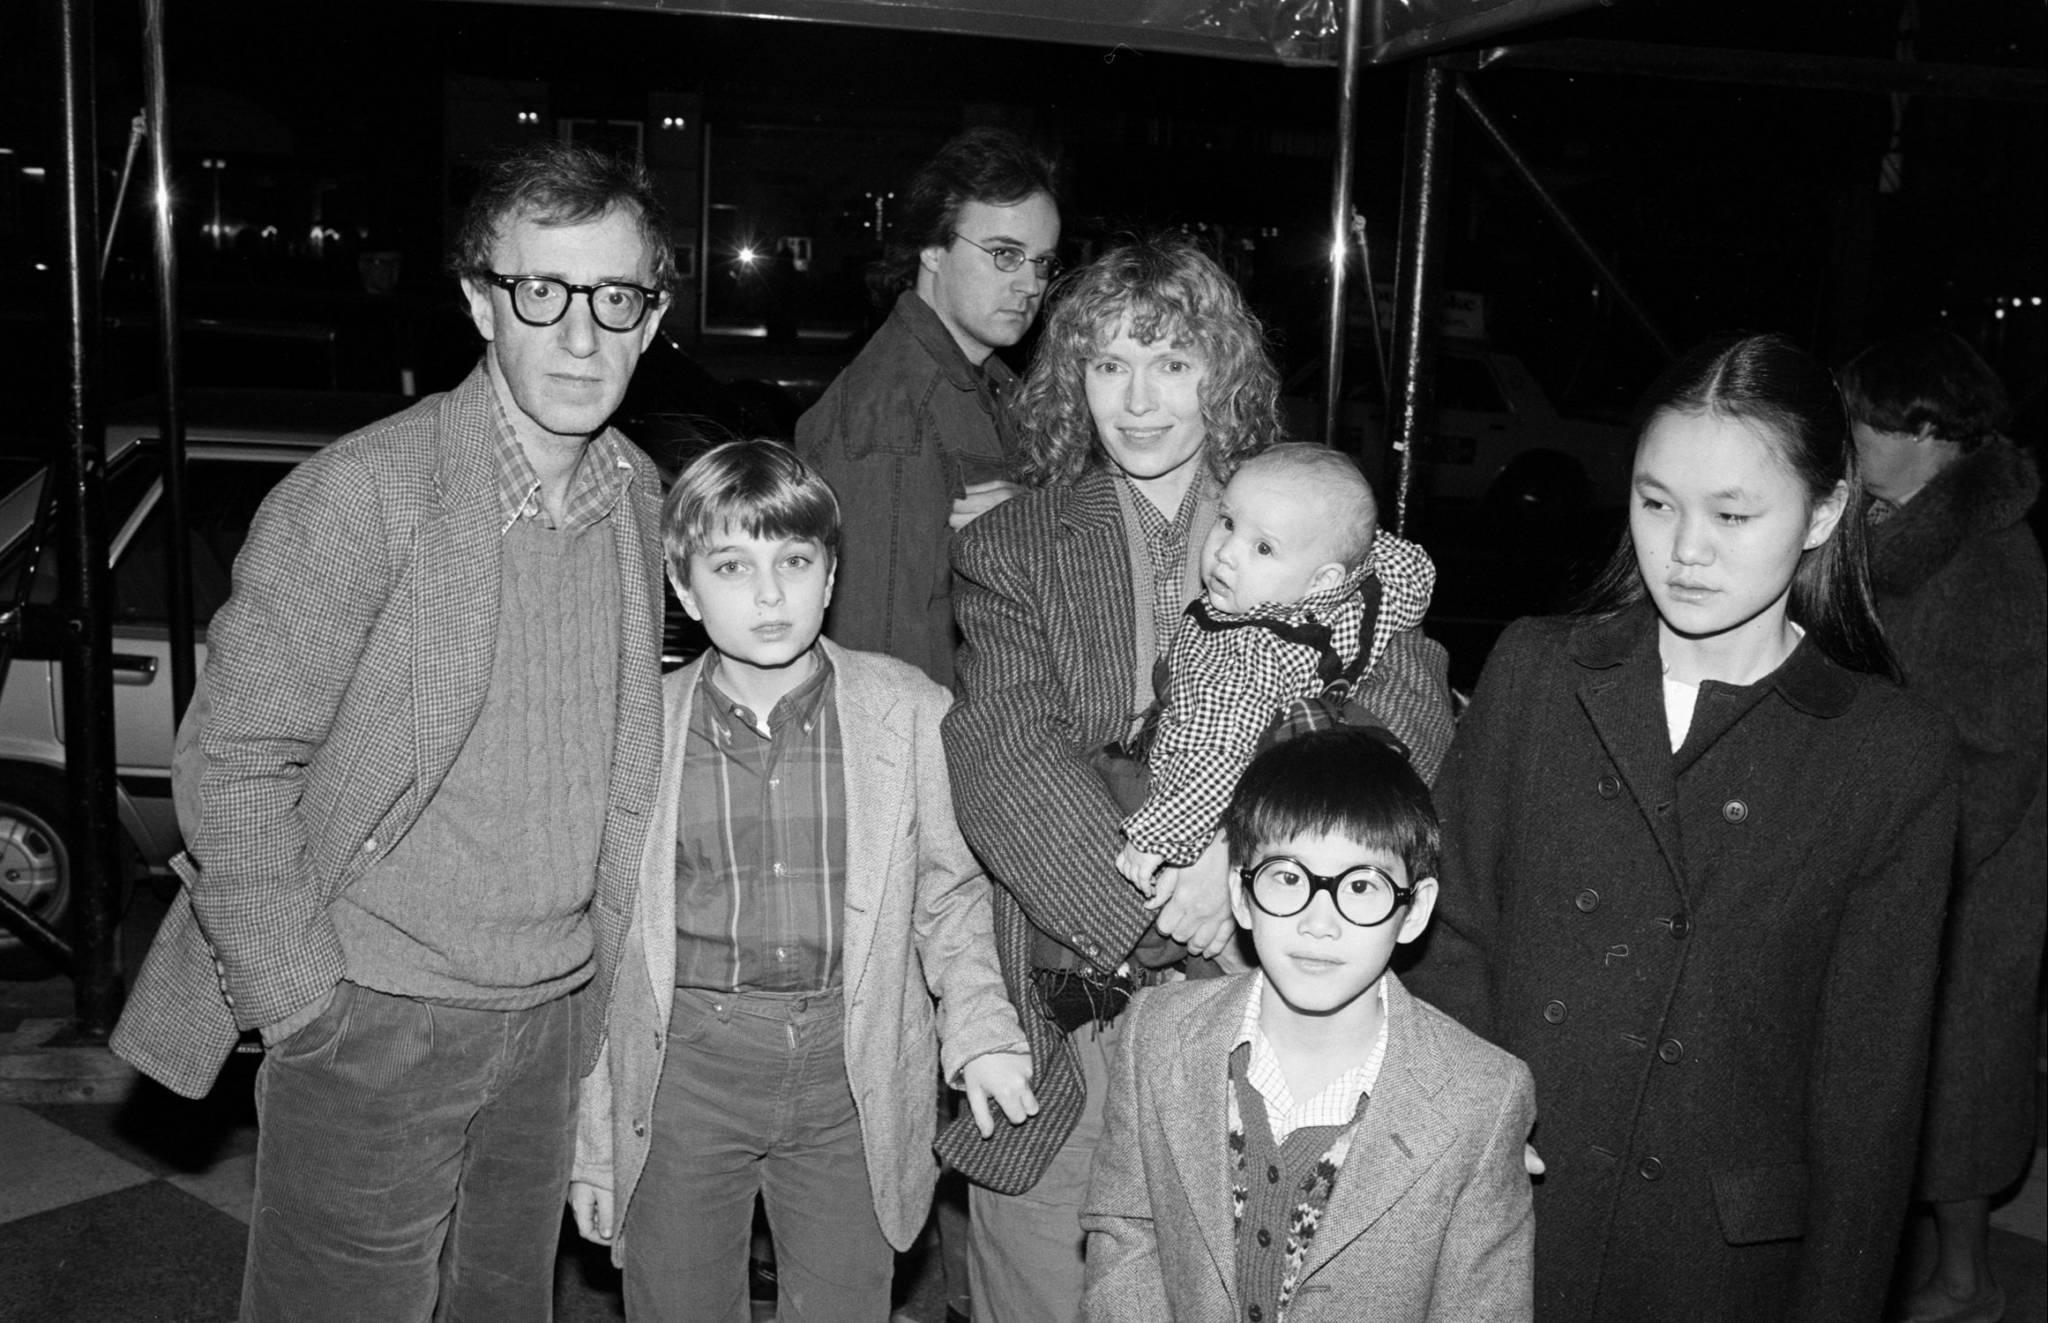 La famiglia mista di figli biologici e adottivi costruita da Woody Allen e Mia Farrow